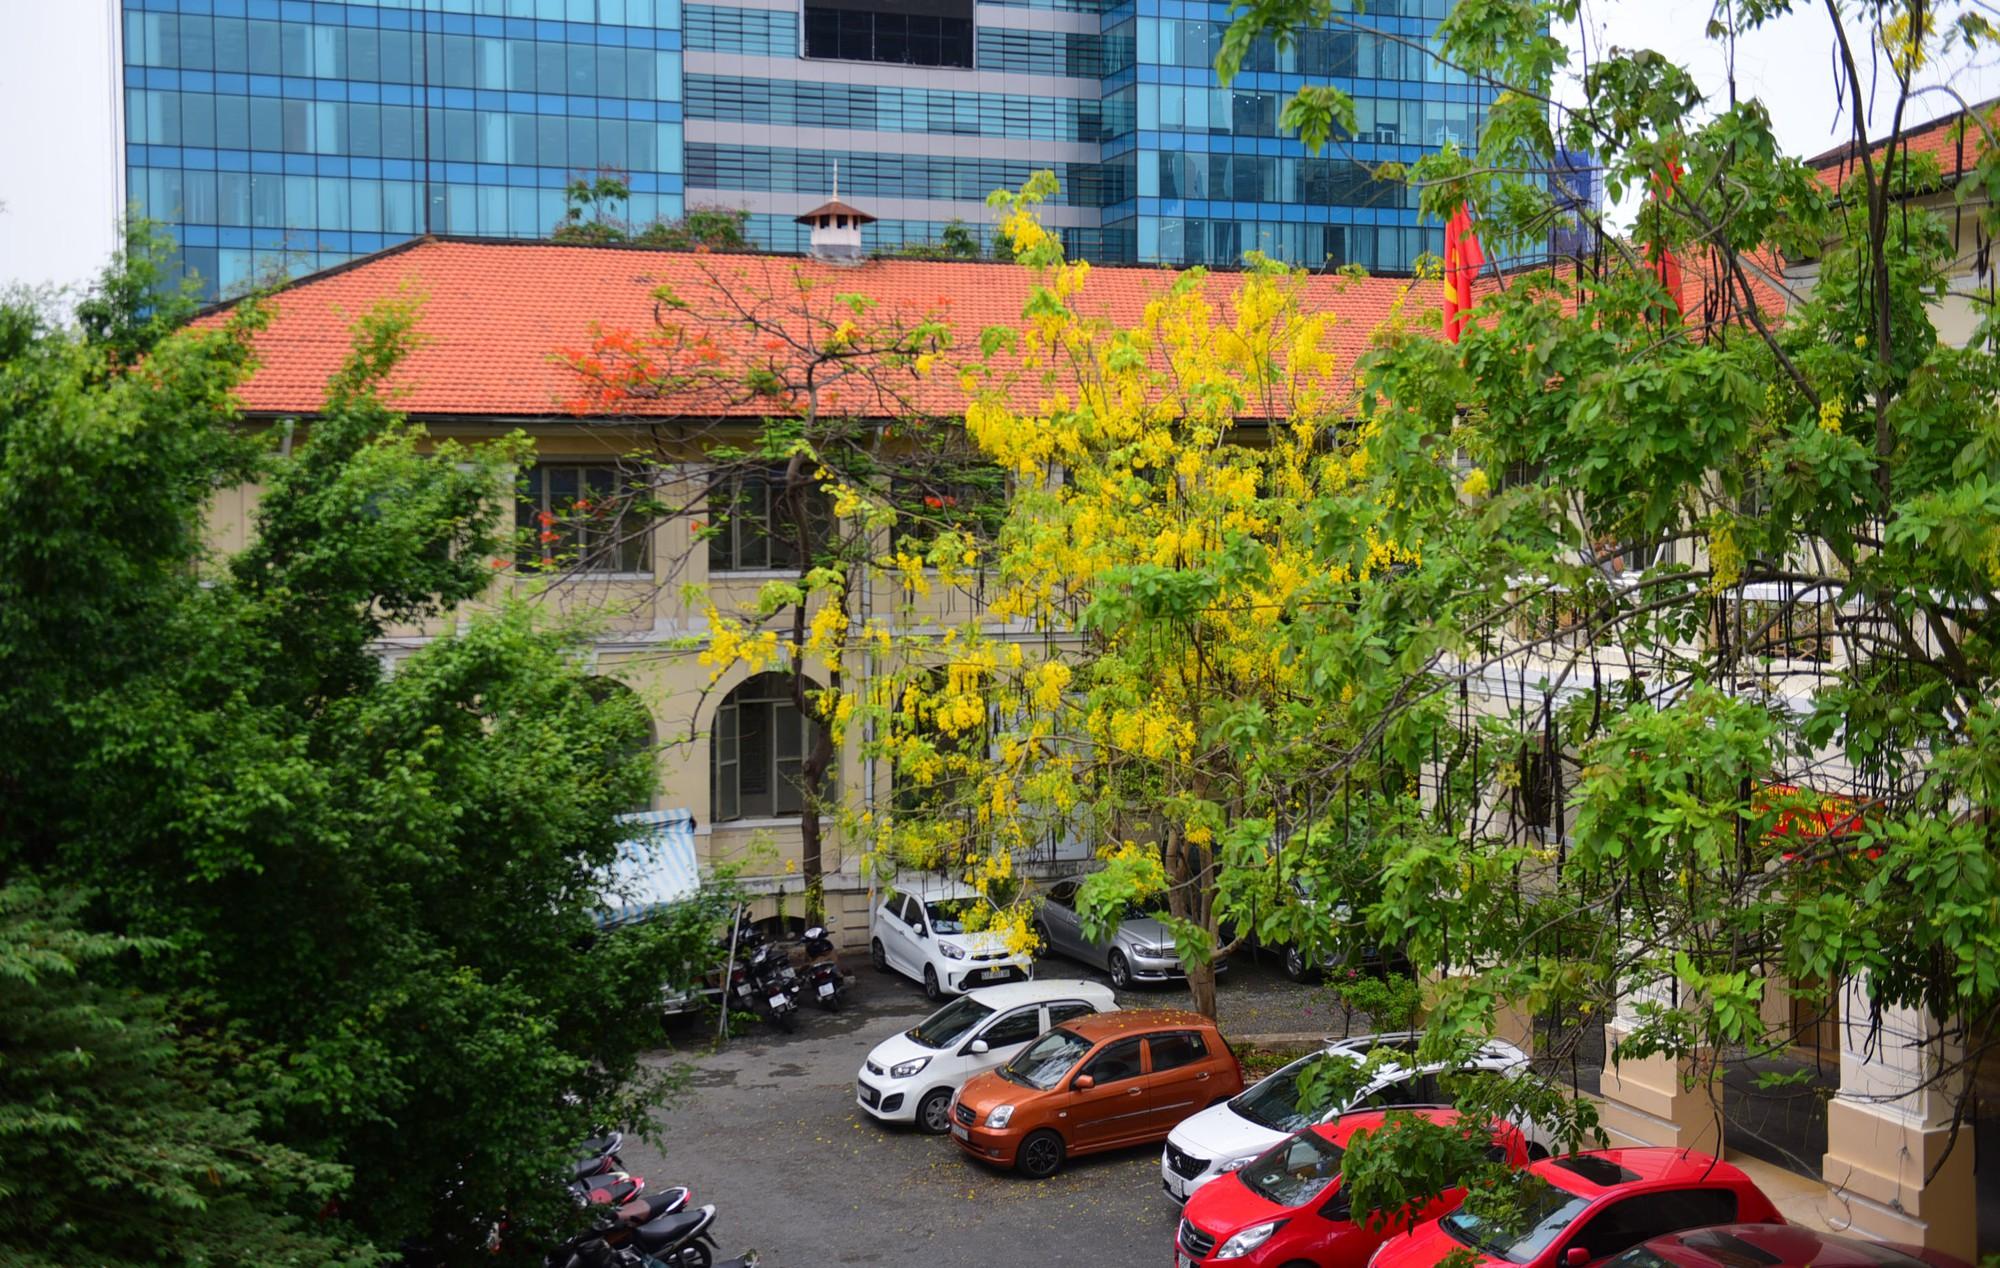 Cận cảnh dinh Thượng Thơ 120 năm tuổi ở Sài Gòn có nguy cơ bị đập bỏ - Ảnh 2.